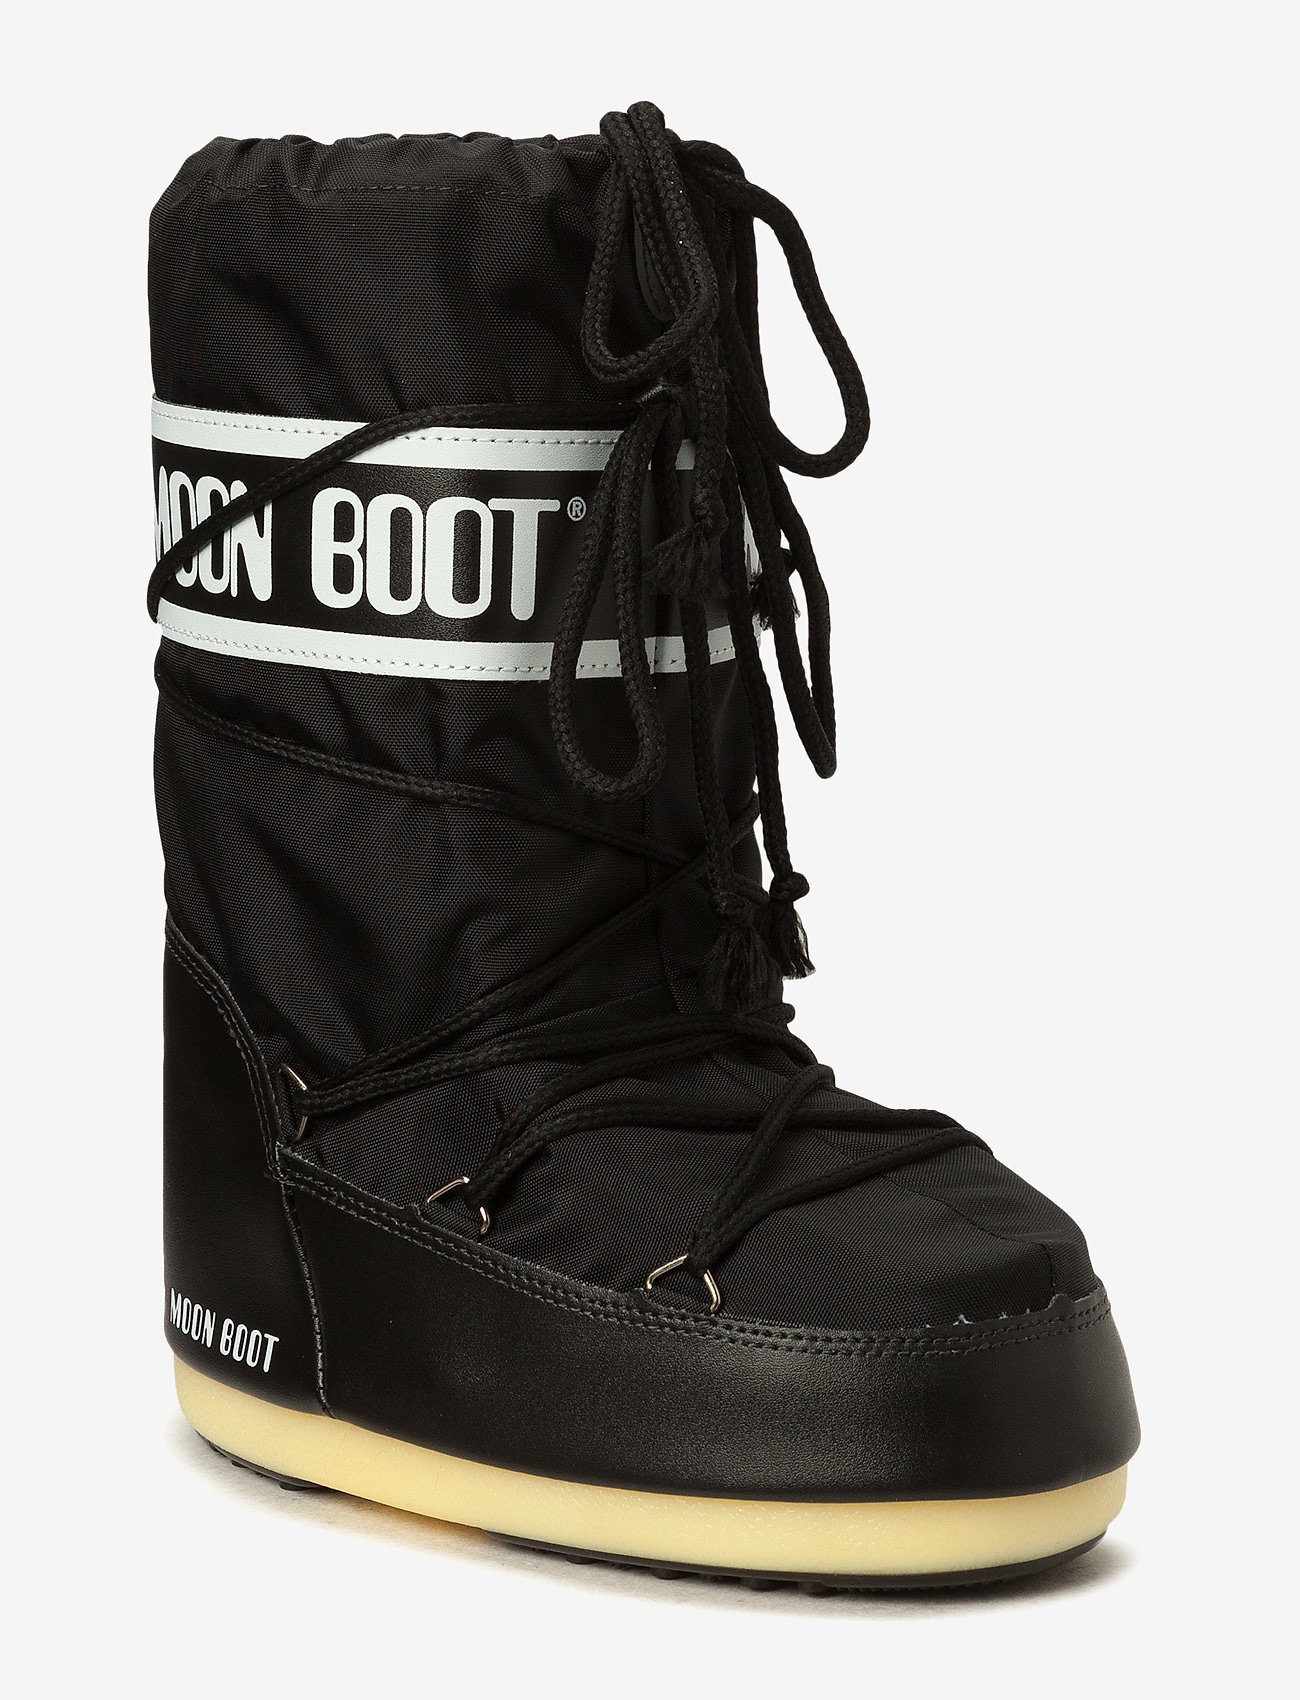 Moon Boot - MB MOON BOOT NYLON - puszābaki bez papēža - black - 0